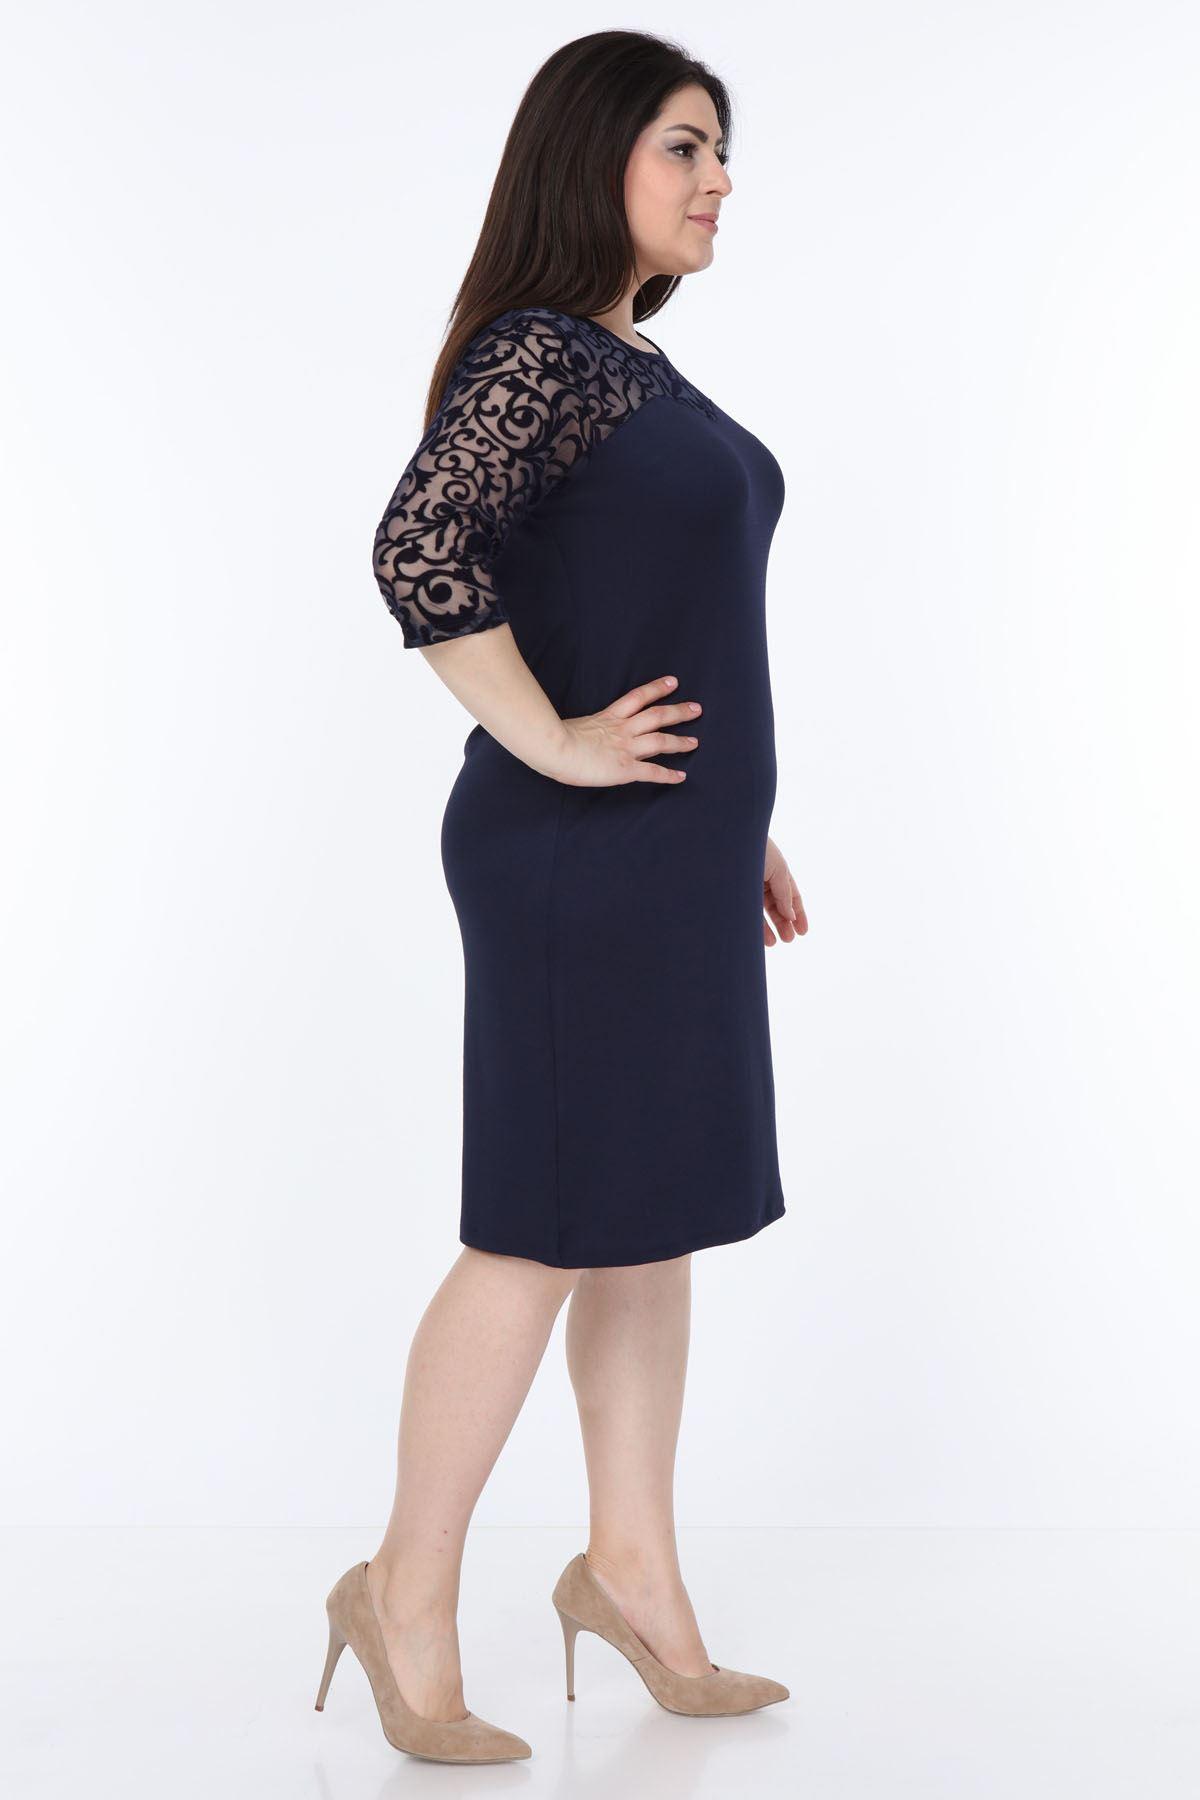 Lacivert Floklu Elbise 2B-1032